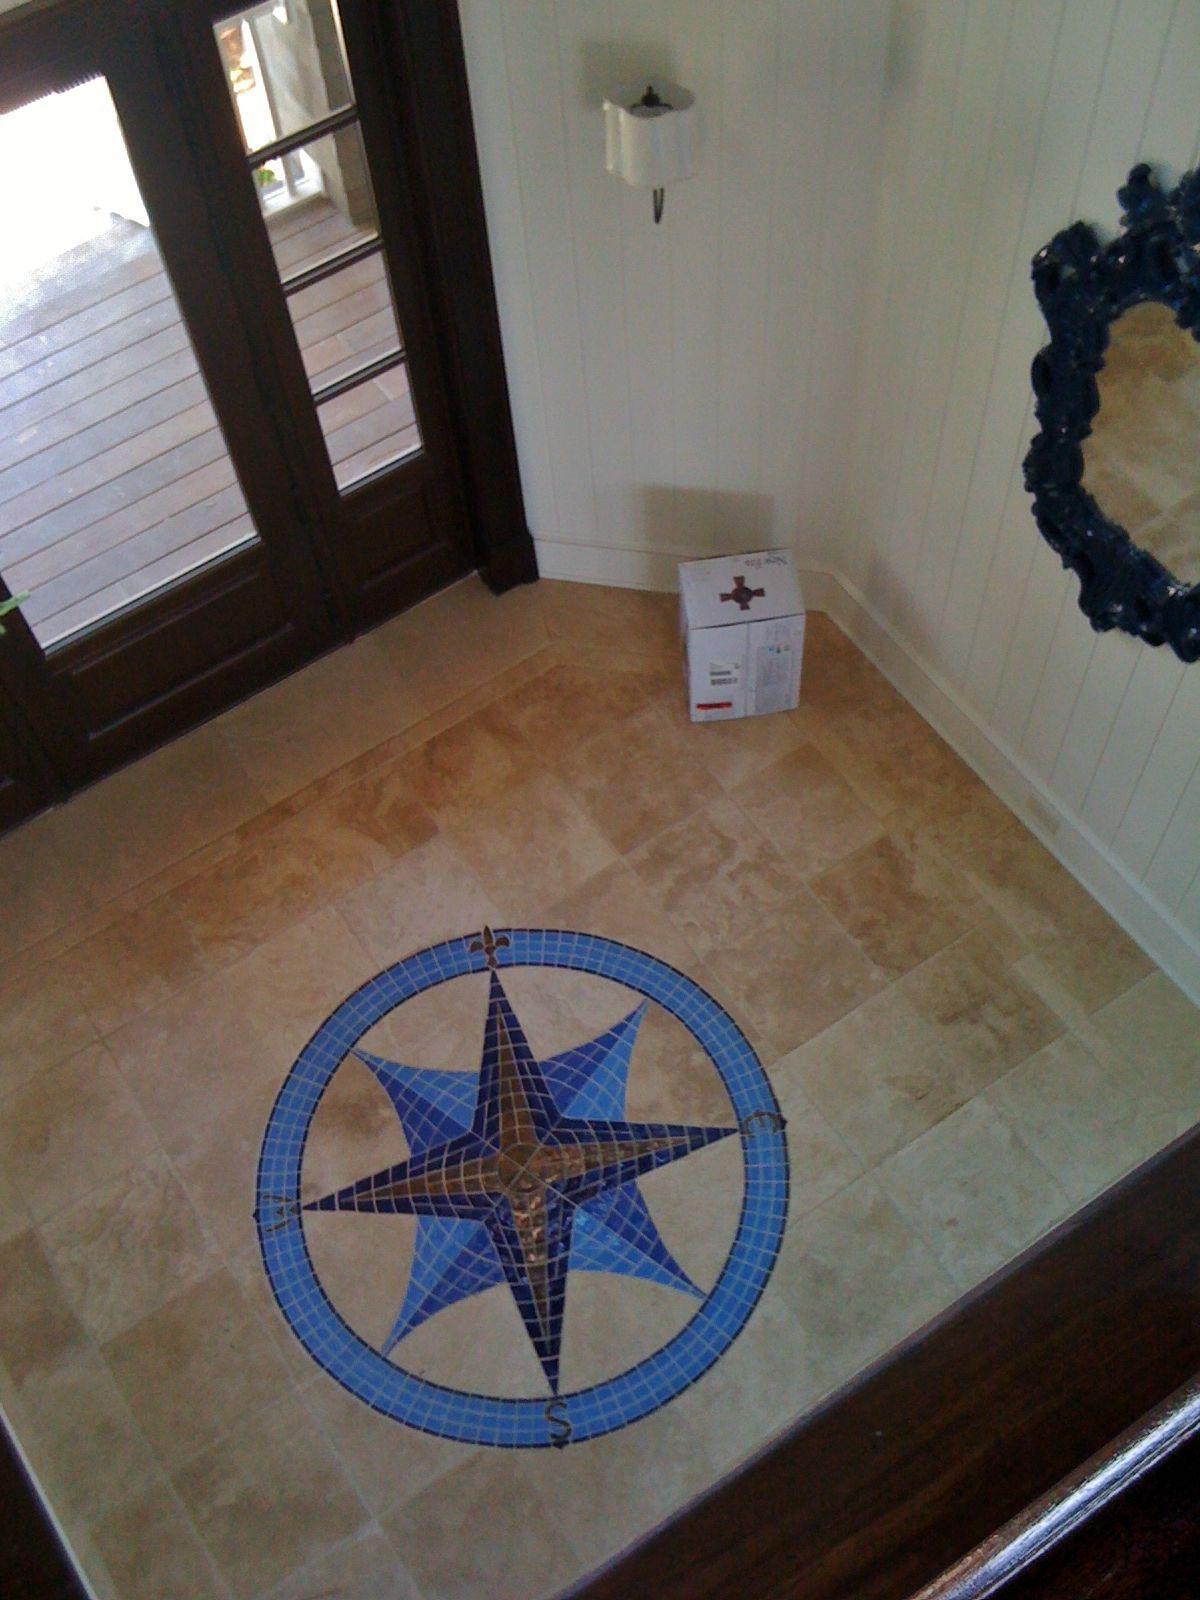 Foyer Tile Job : Tile compass at entry foyer travertine field